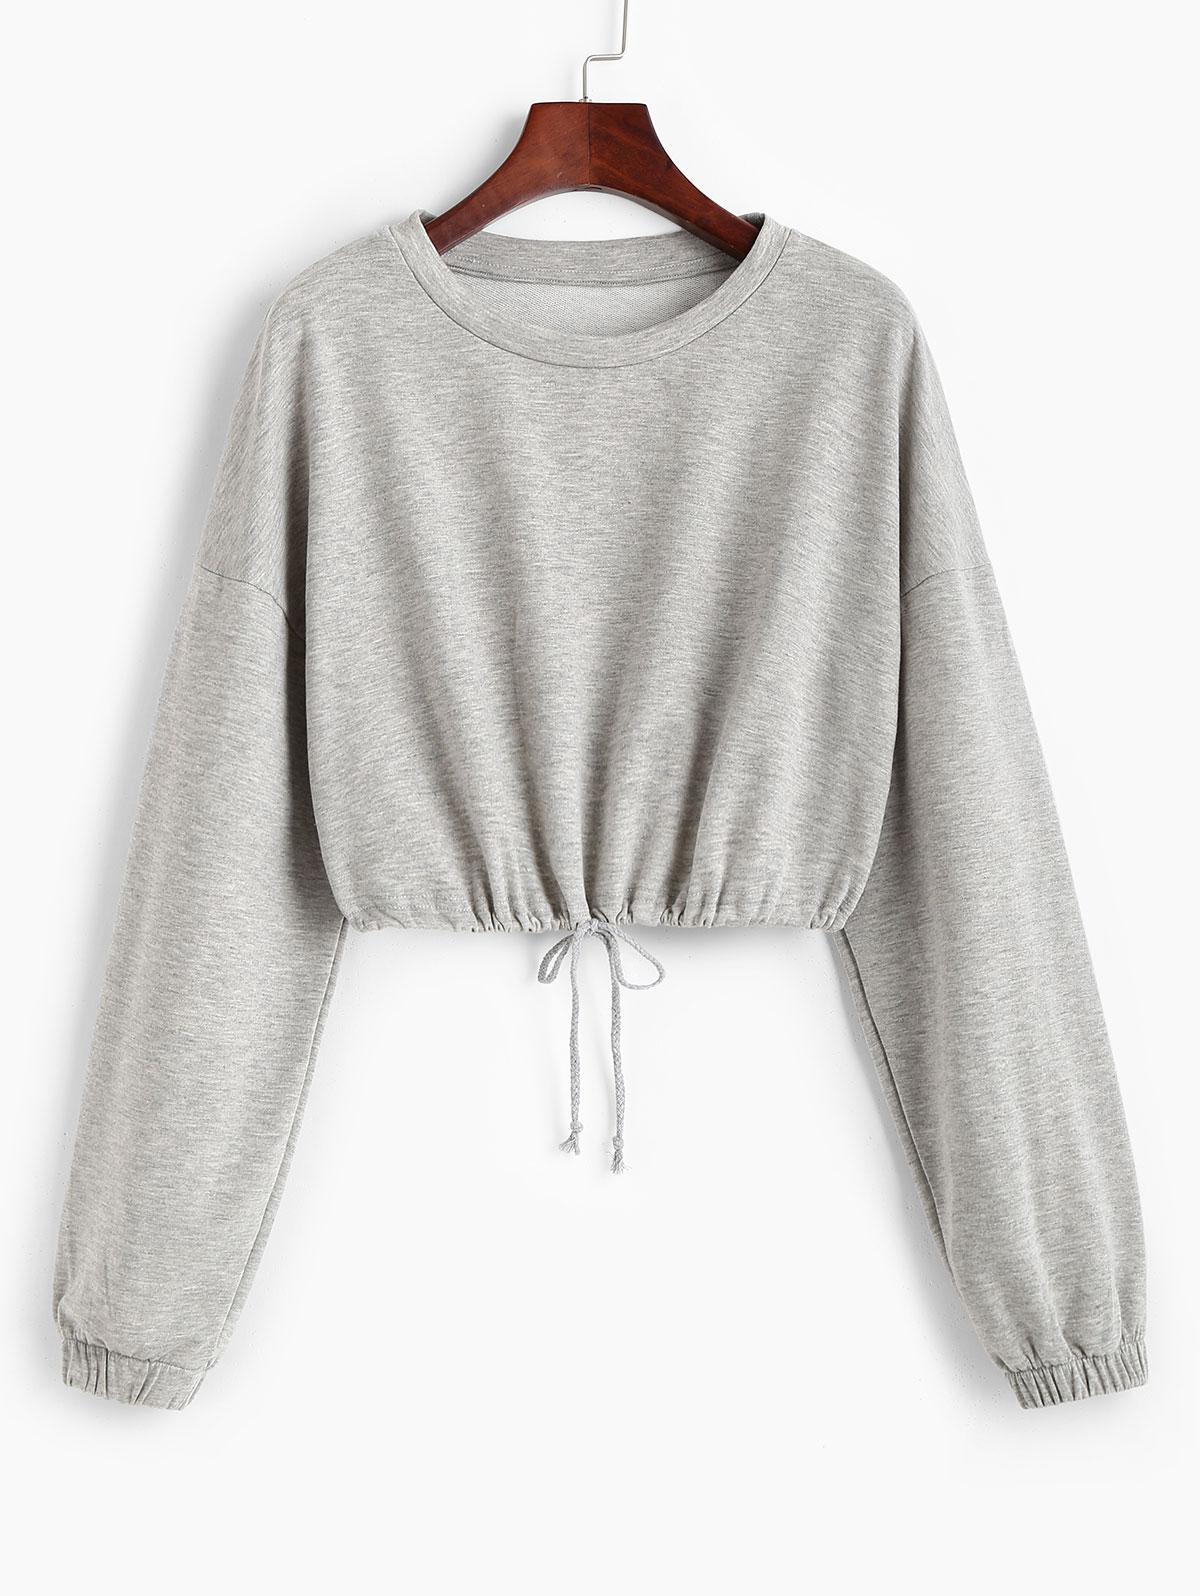 Loose Drawstring Hem Cropped Sweatshirt